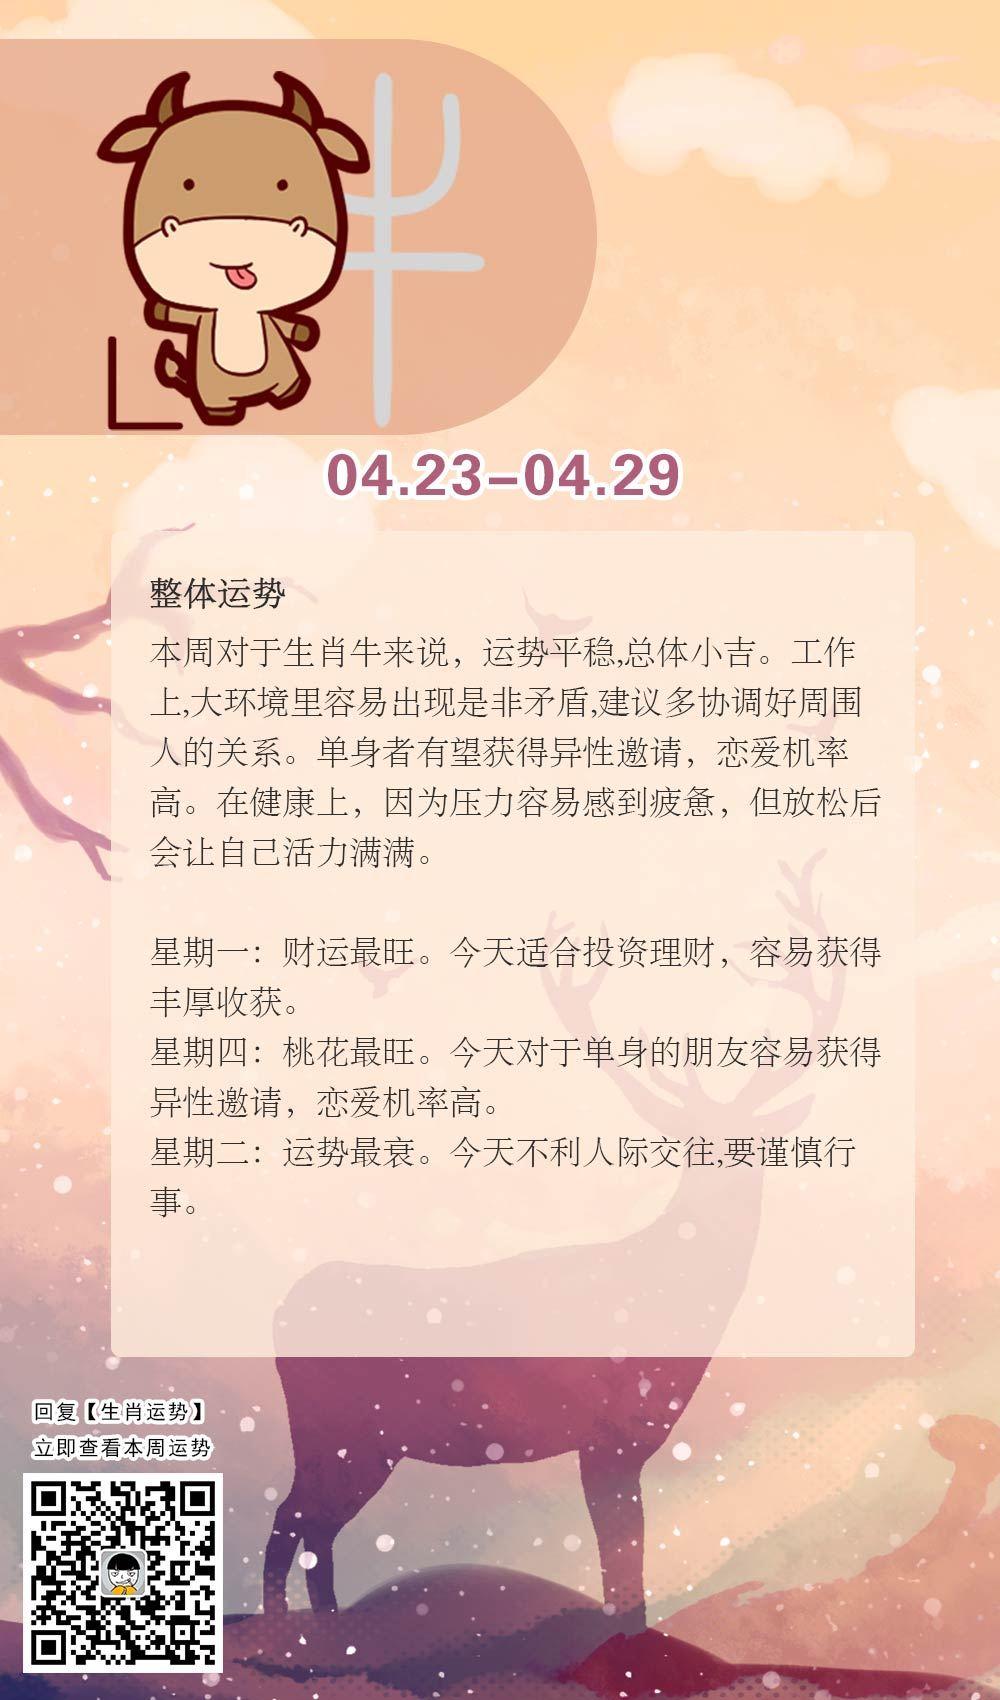 生肖牛本周运势【2018.04.23-04.29】